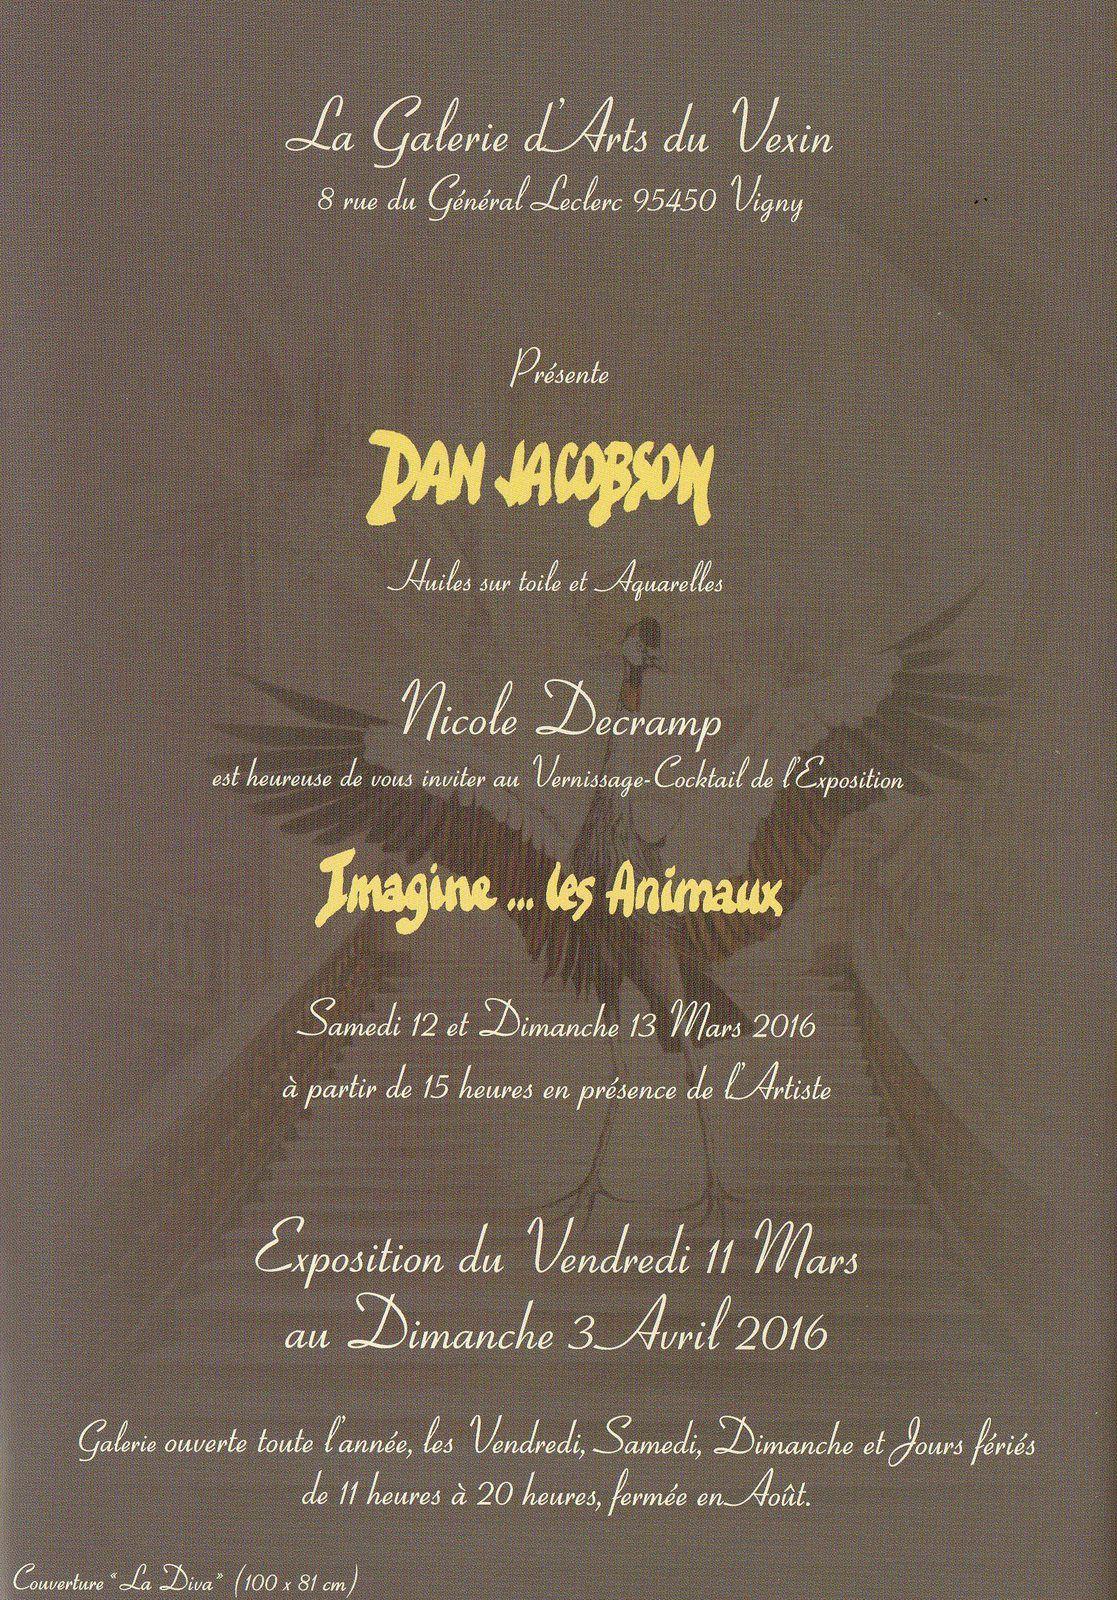 Dan Jacobson expose à la galerie du Vexin à Vigny